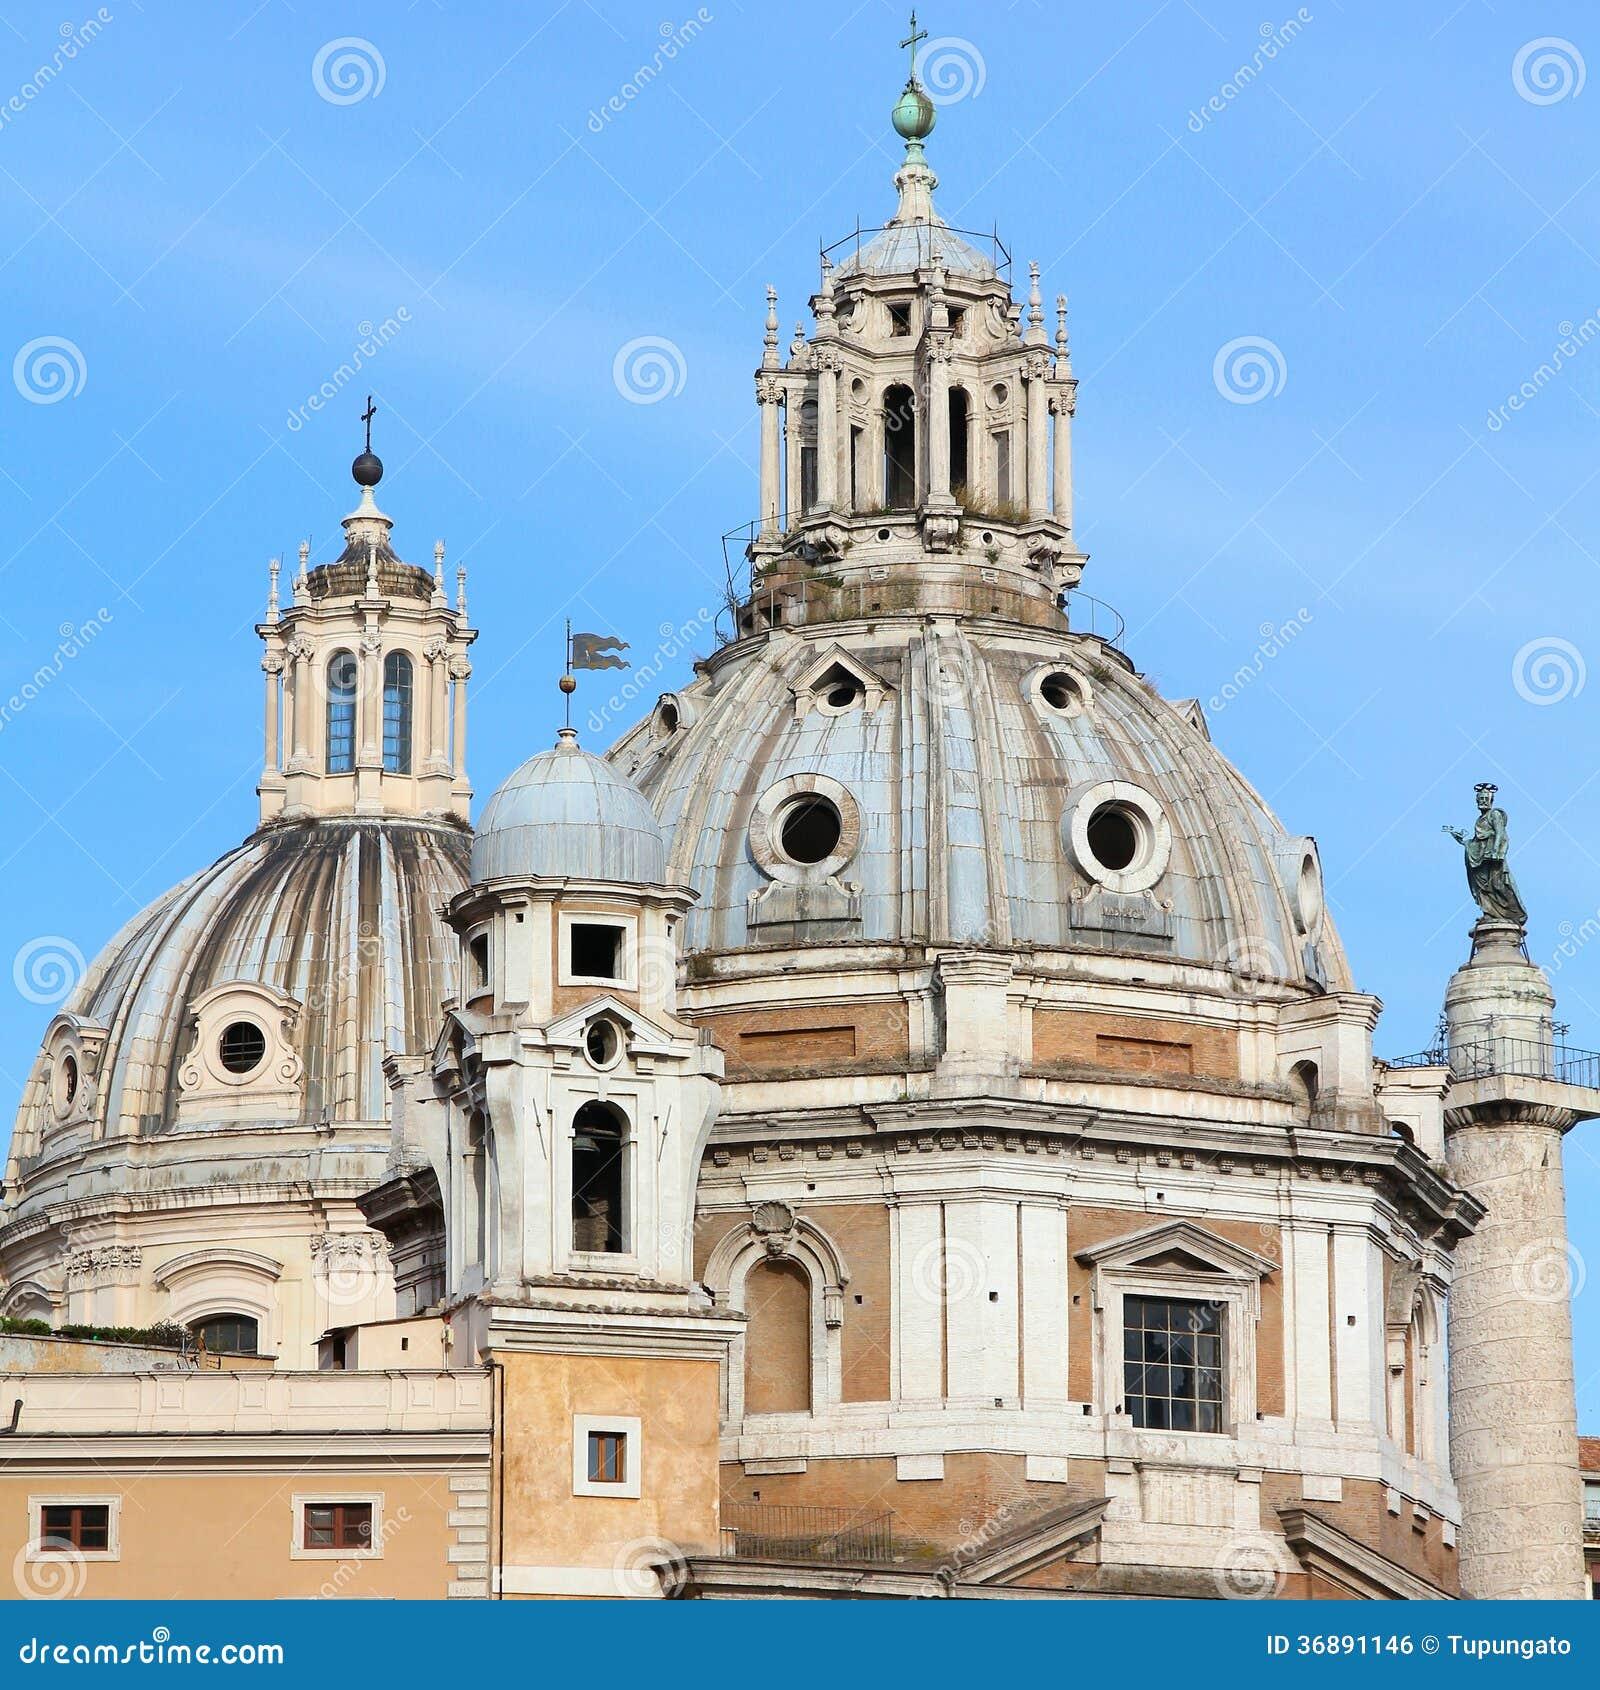 Download Chiese di Roma fotografia stock. Immagine di maria, architettura - 36891146